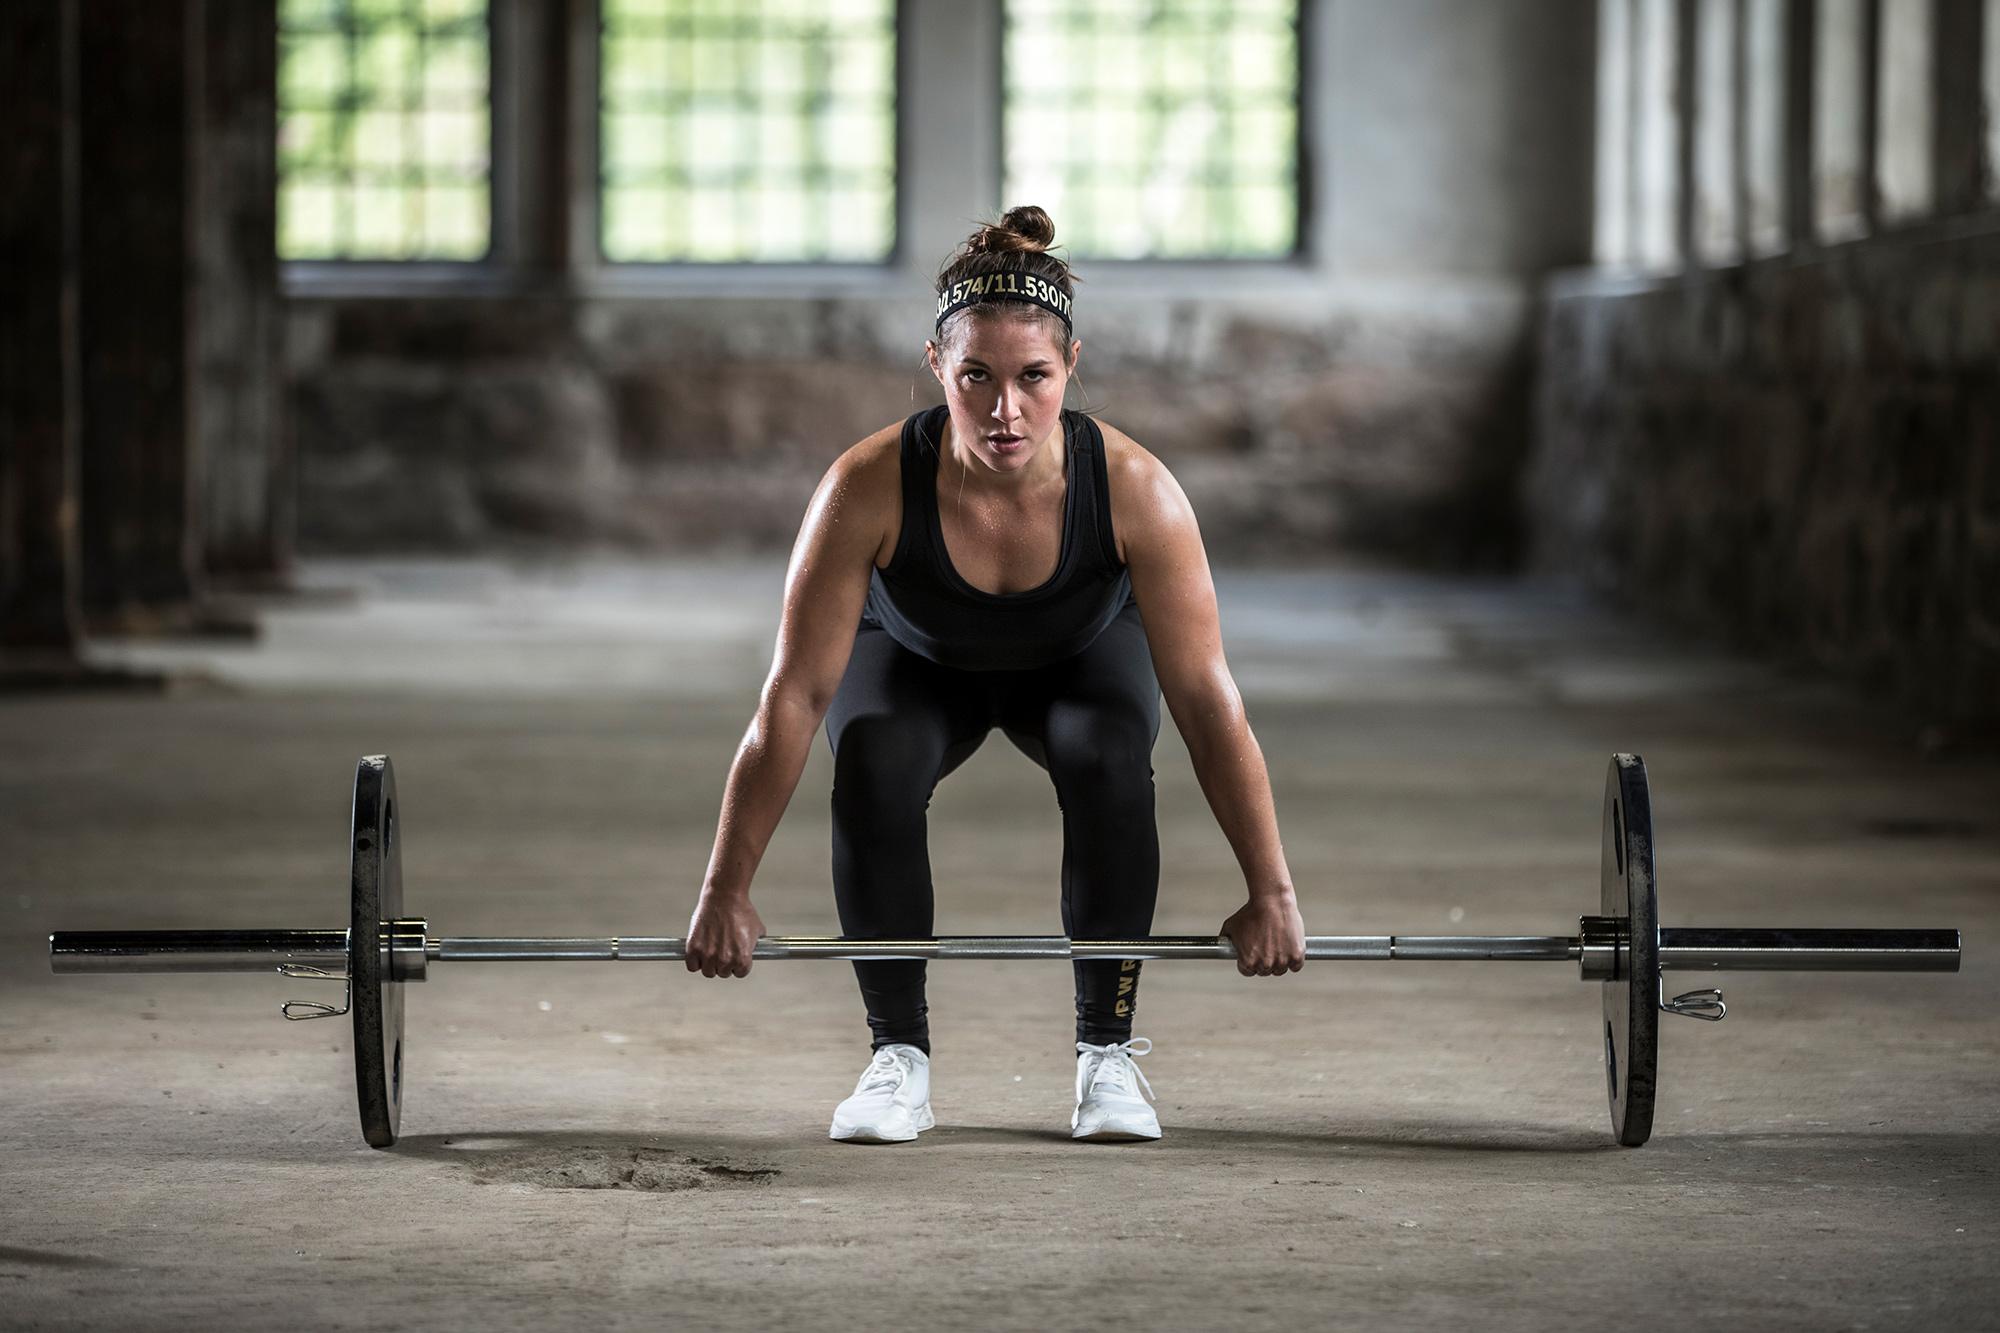 power-by-lisa-goteborg-fitness-07.jpg